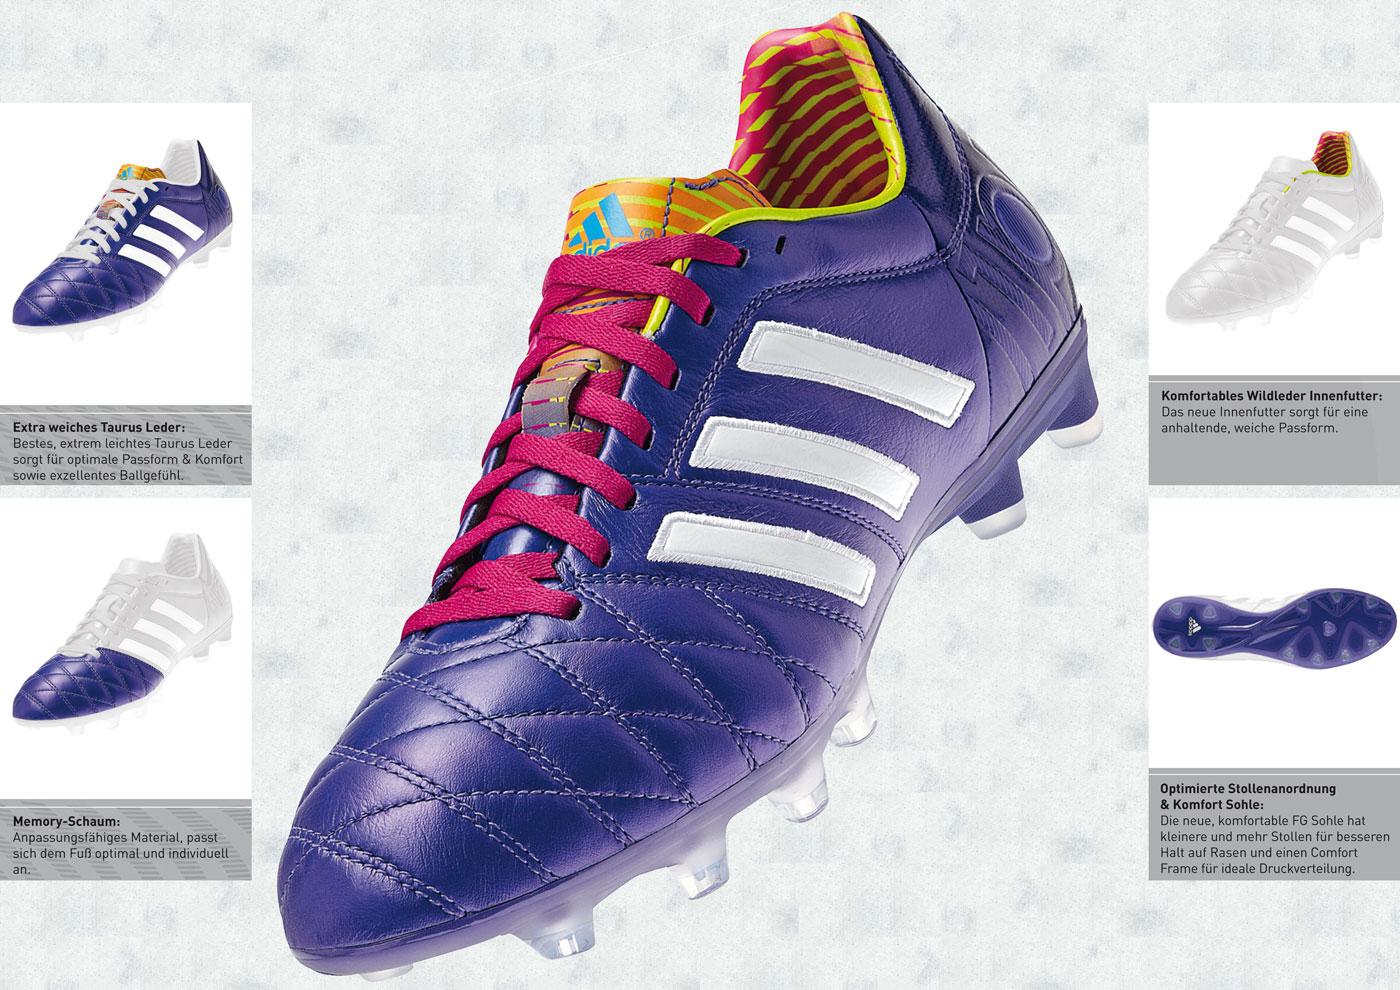 Adidas Fußballschuhe der adipure Line